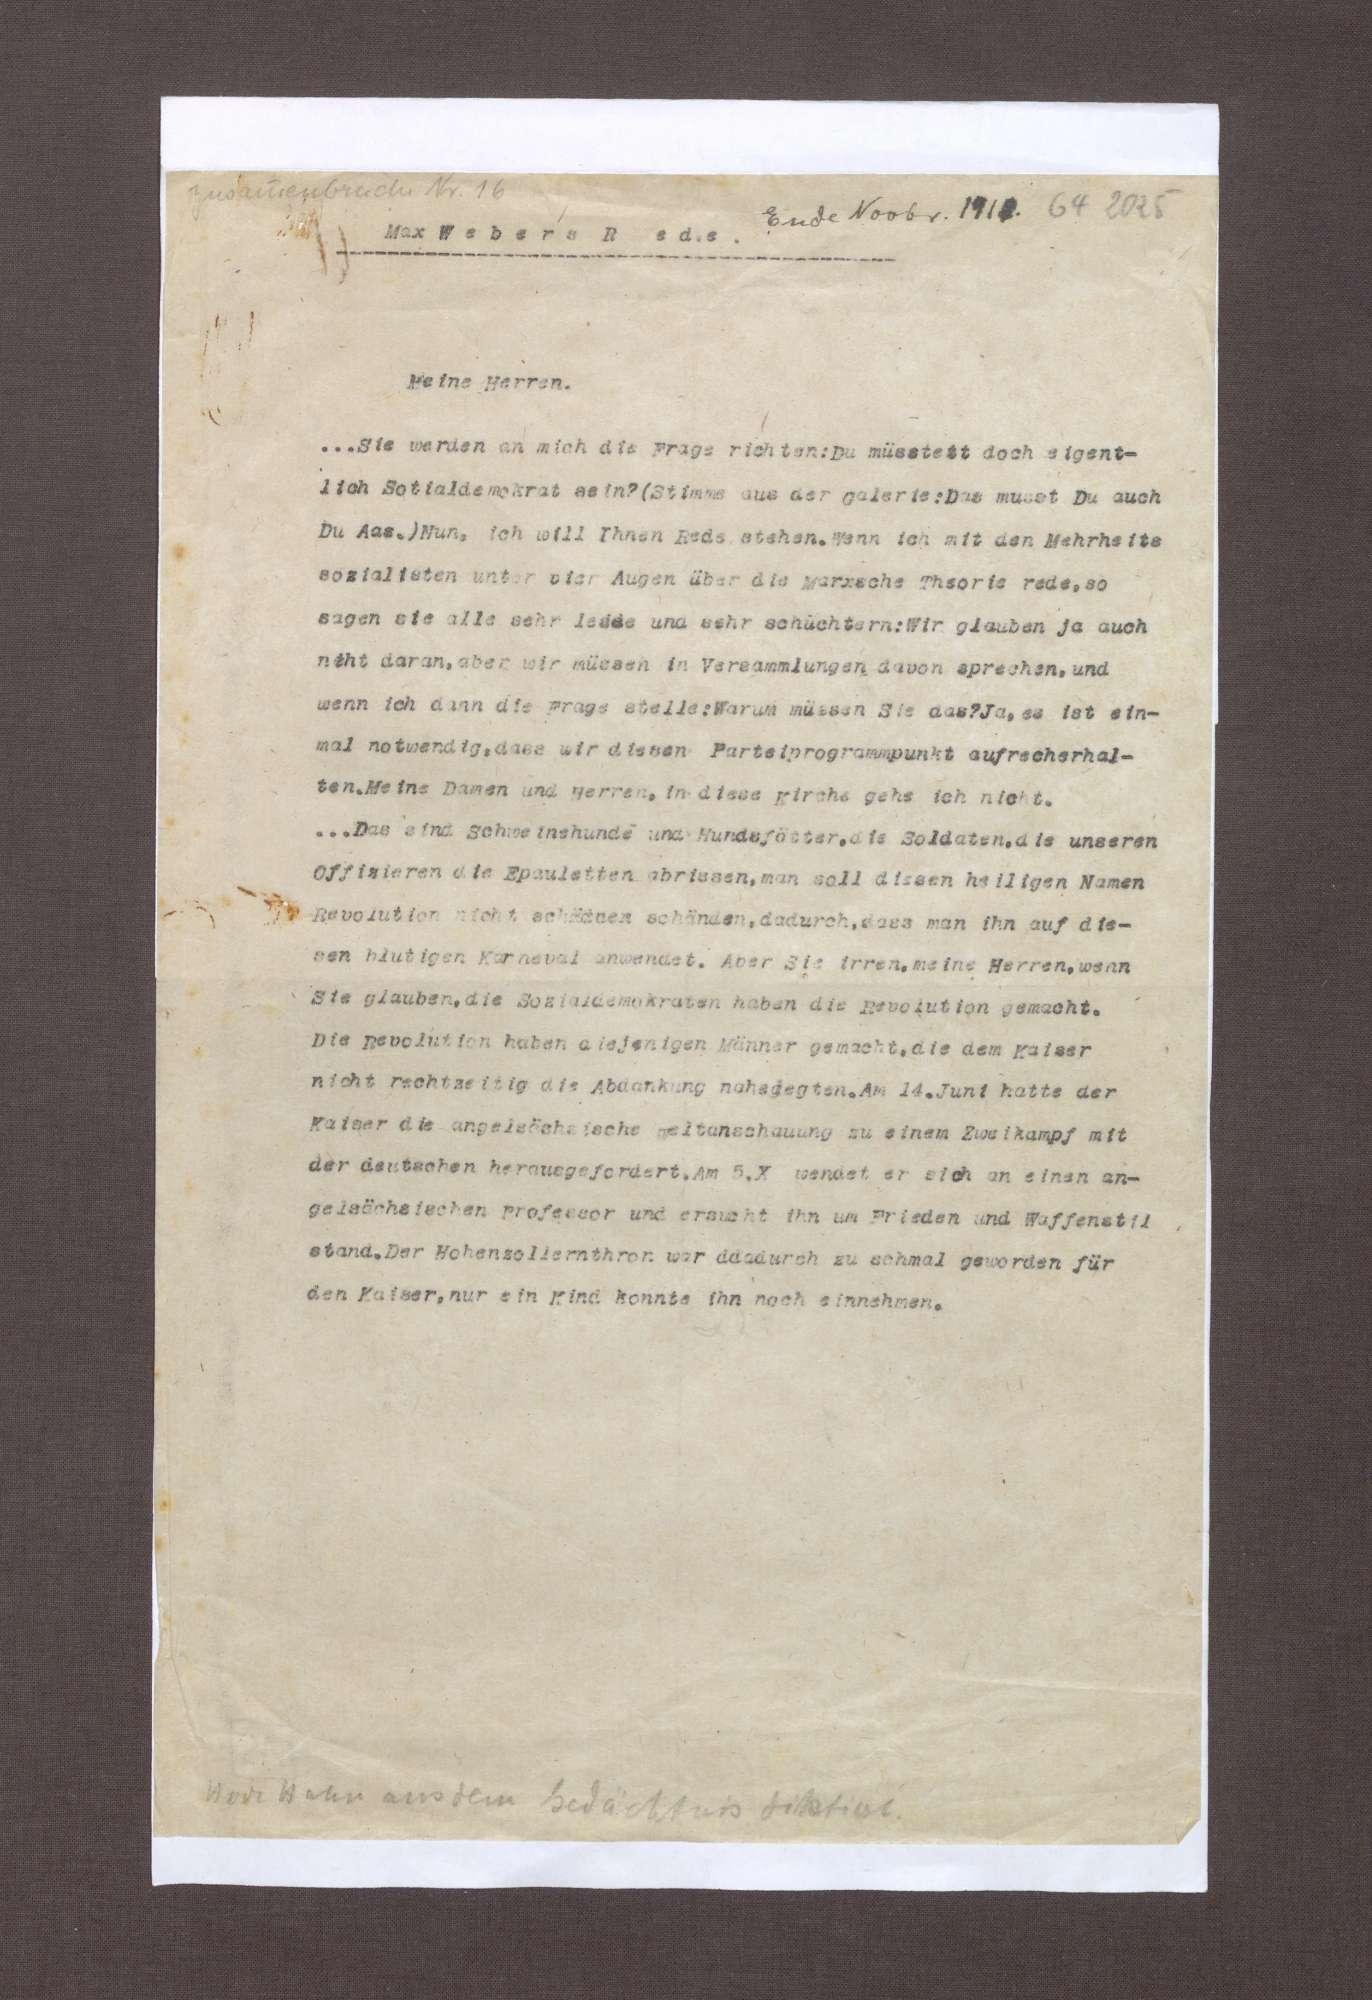 Rede von Max Weber über die Abdankung des Kaisers und die Sozialdemokratie, Bild 1